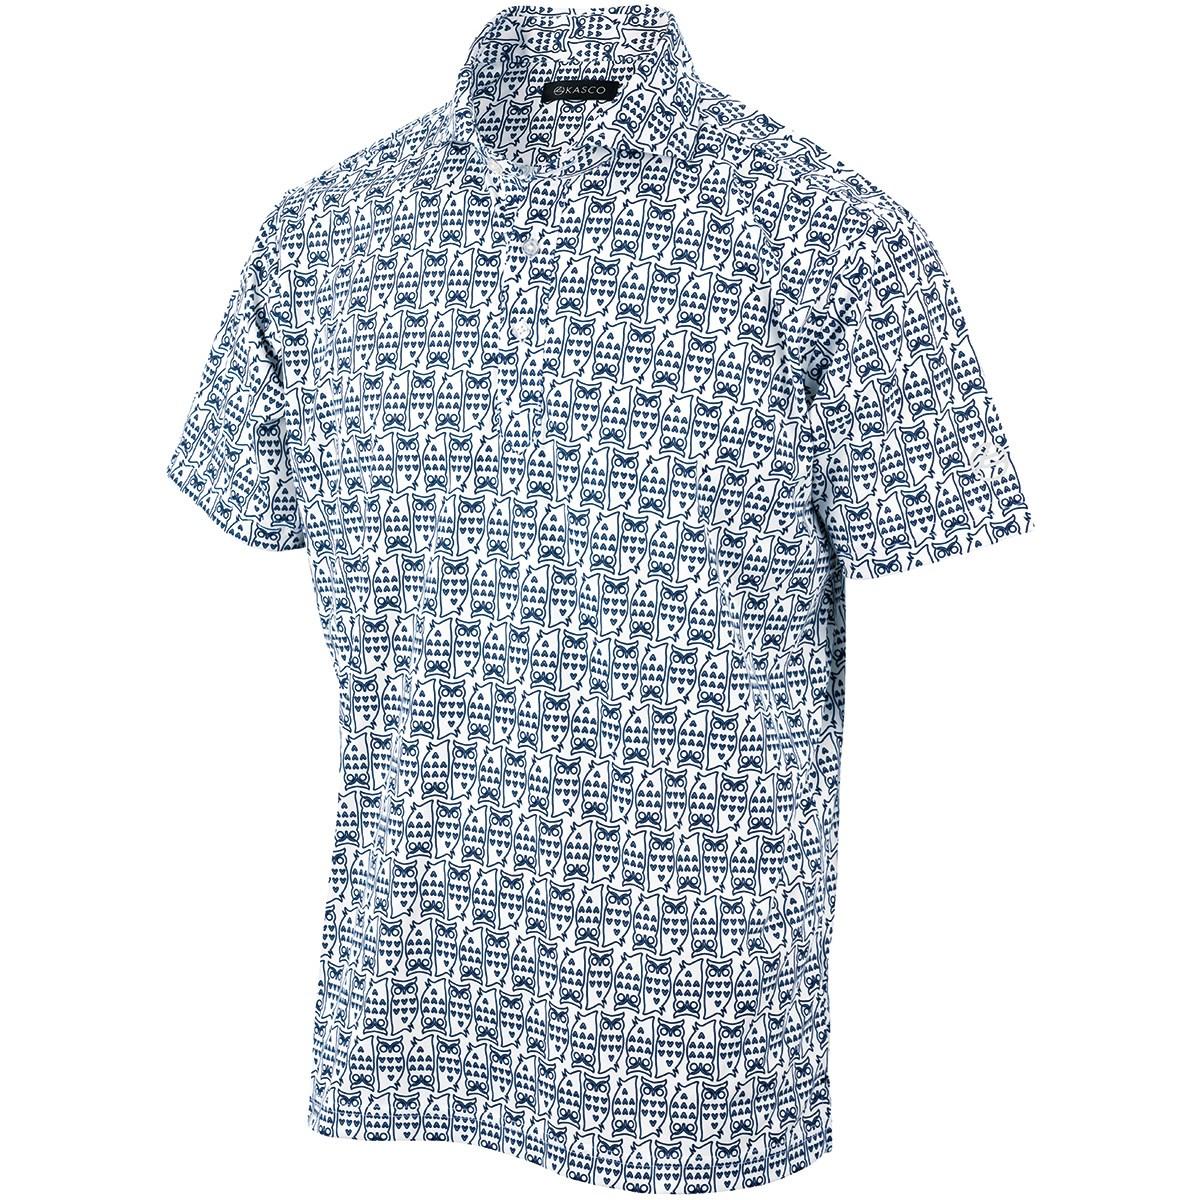 キャスコ(KASCO) フクロウ総柄プリント 半袖ポロシャツ